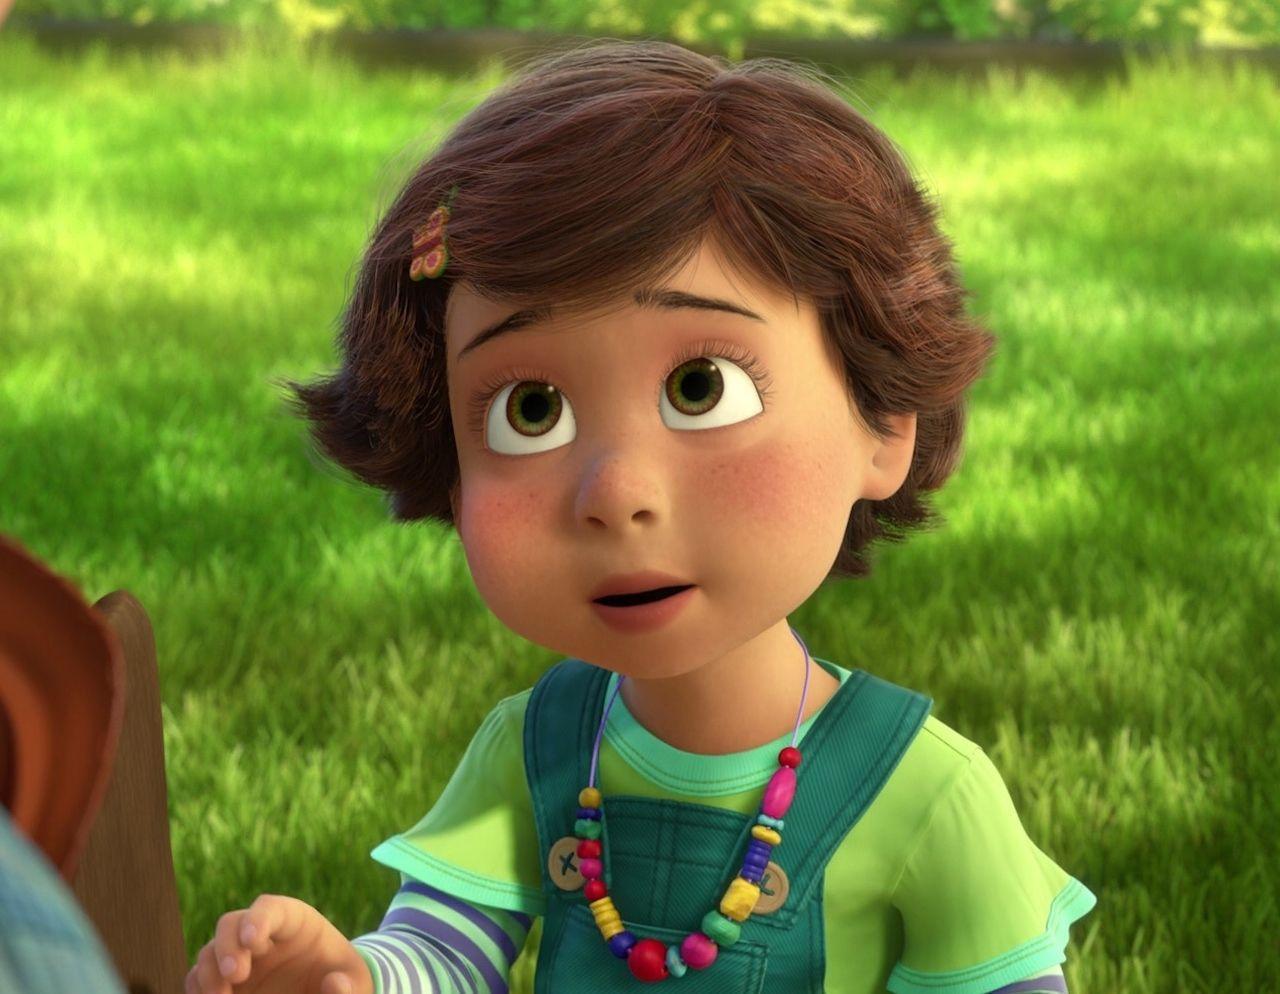 En Toy Story 3, ¿Cómo se llama esta niña?